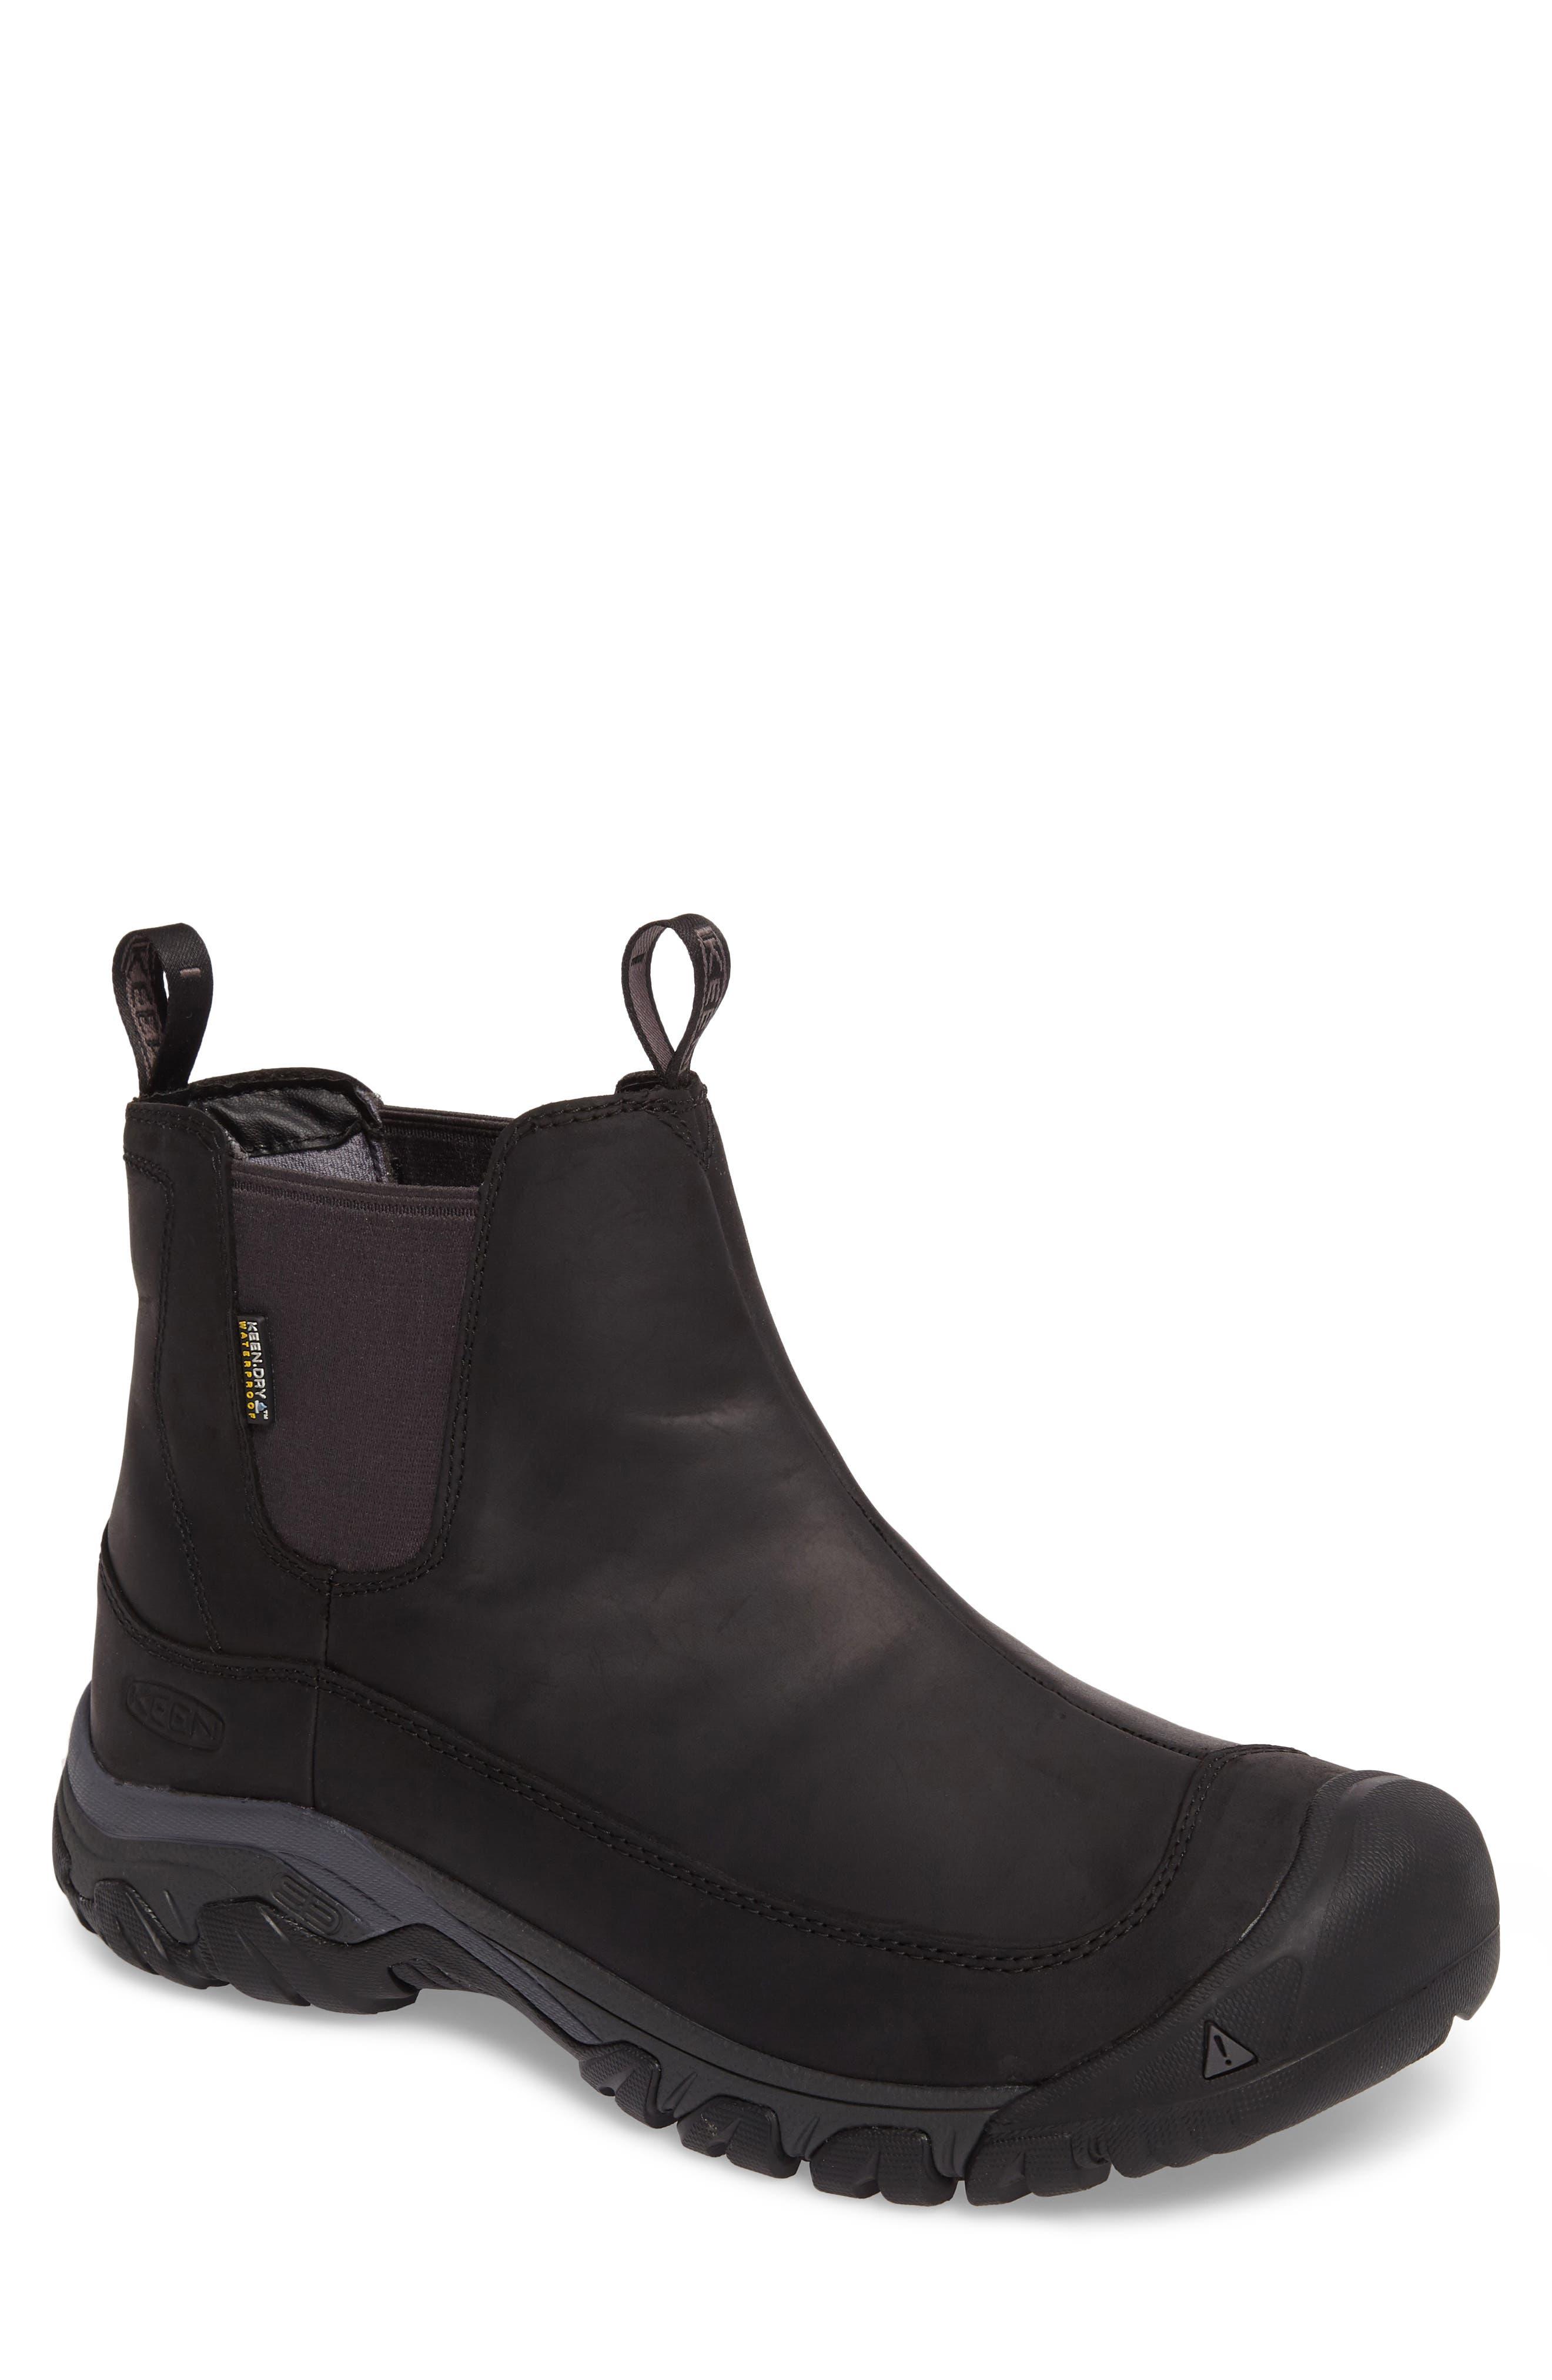 Keen Anchorage II Waterproof Chelsea Boot (Men)